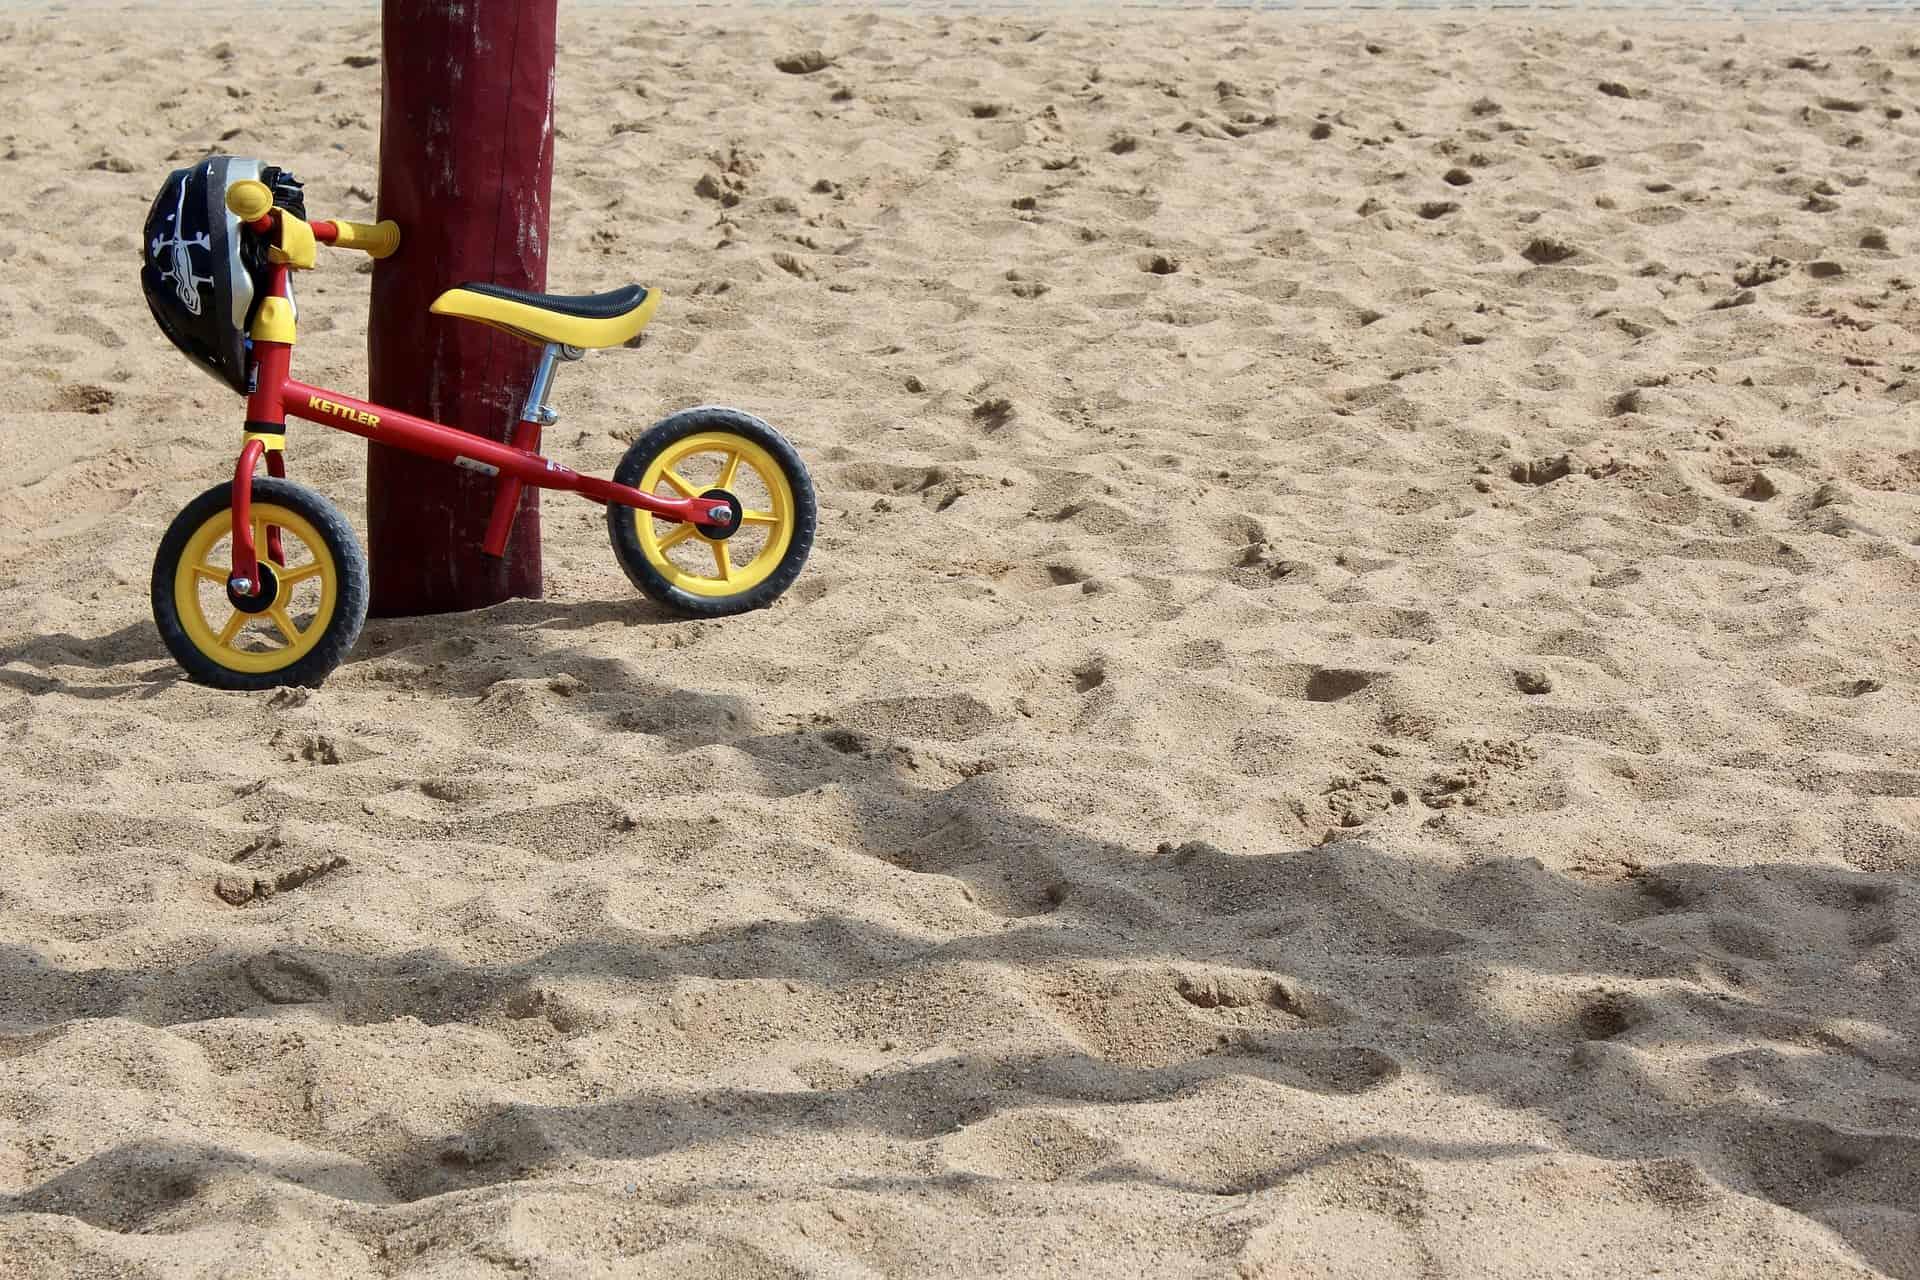 Bicicleta sem pedal: Como escolher a melhor em 2020?